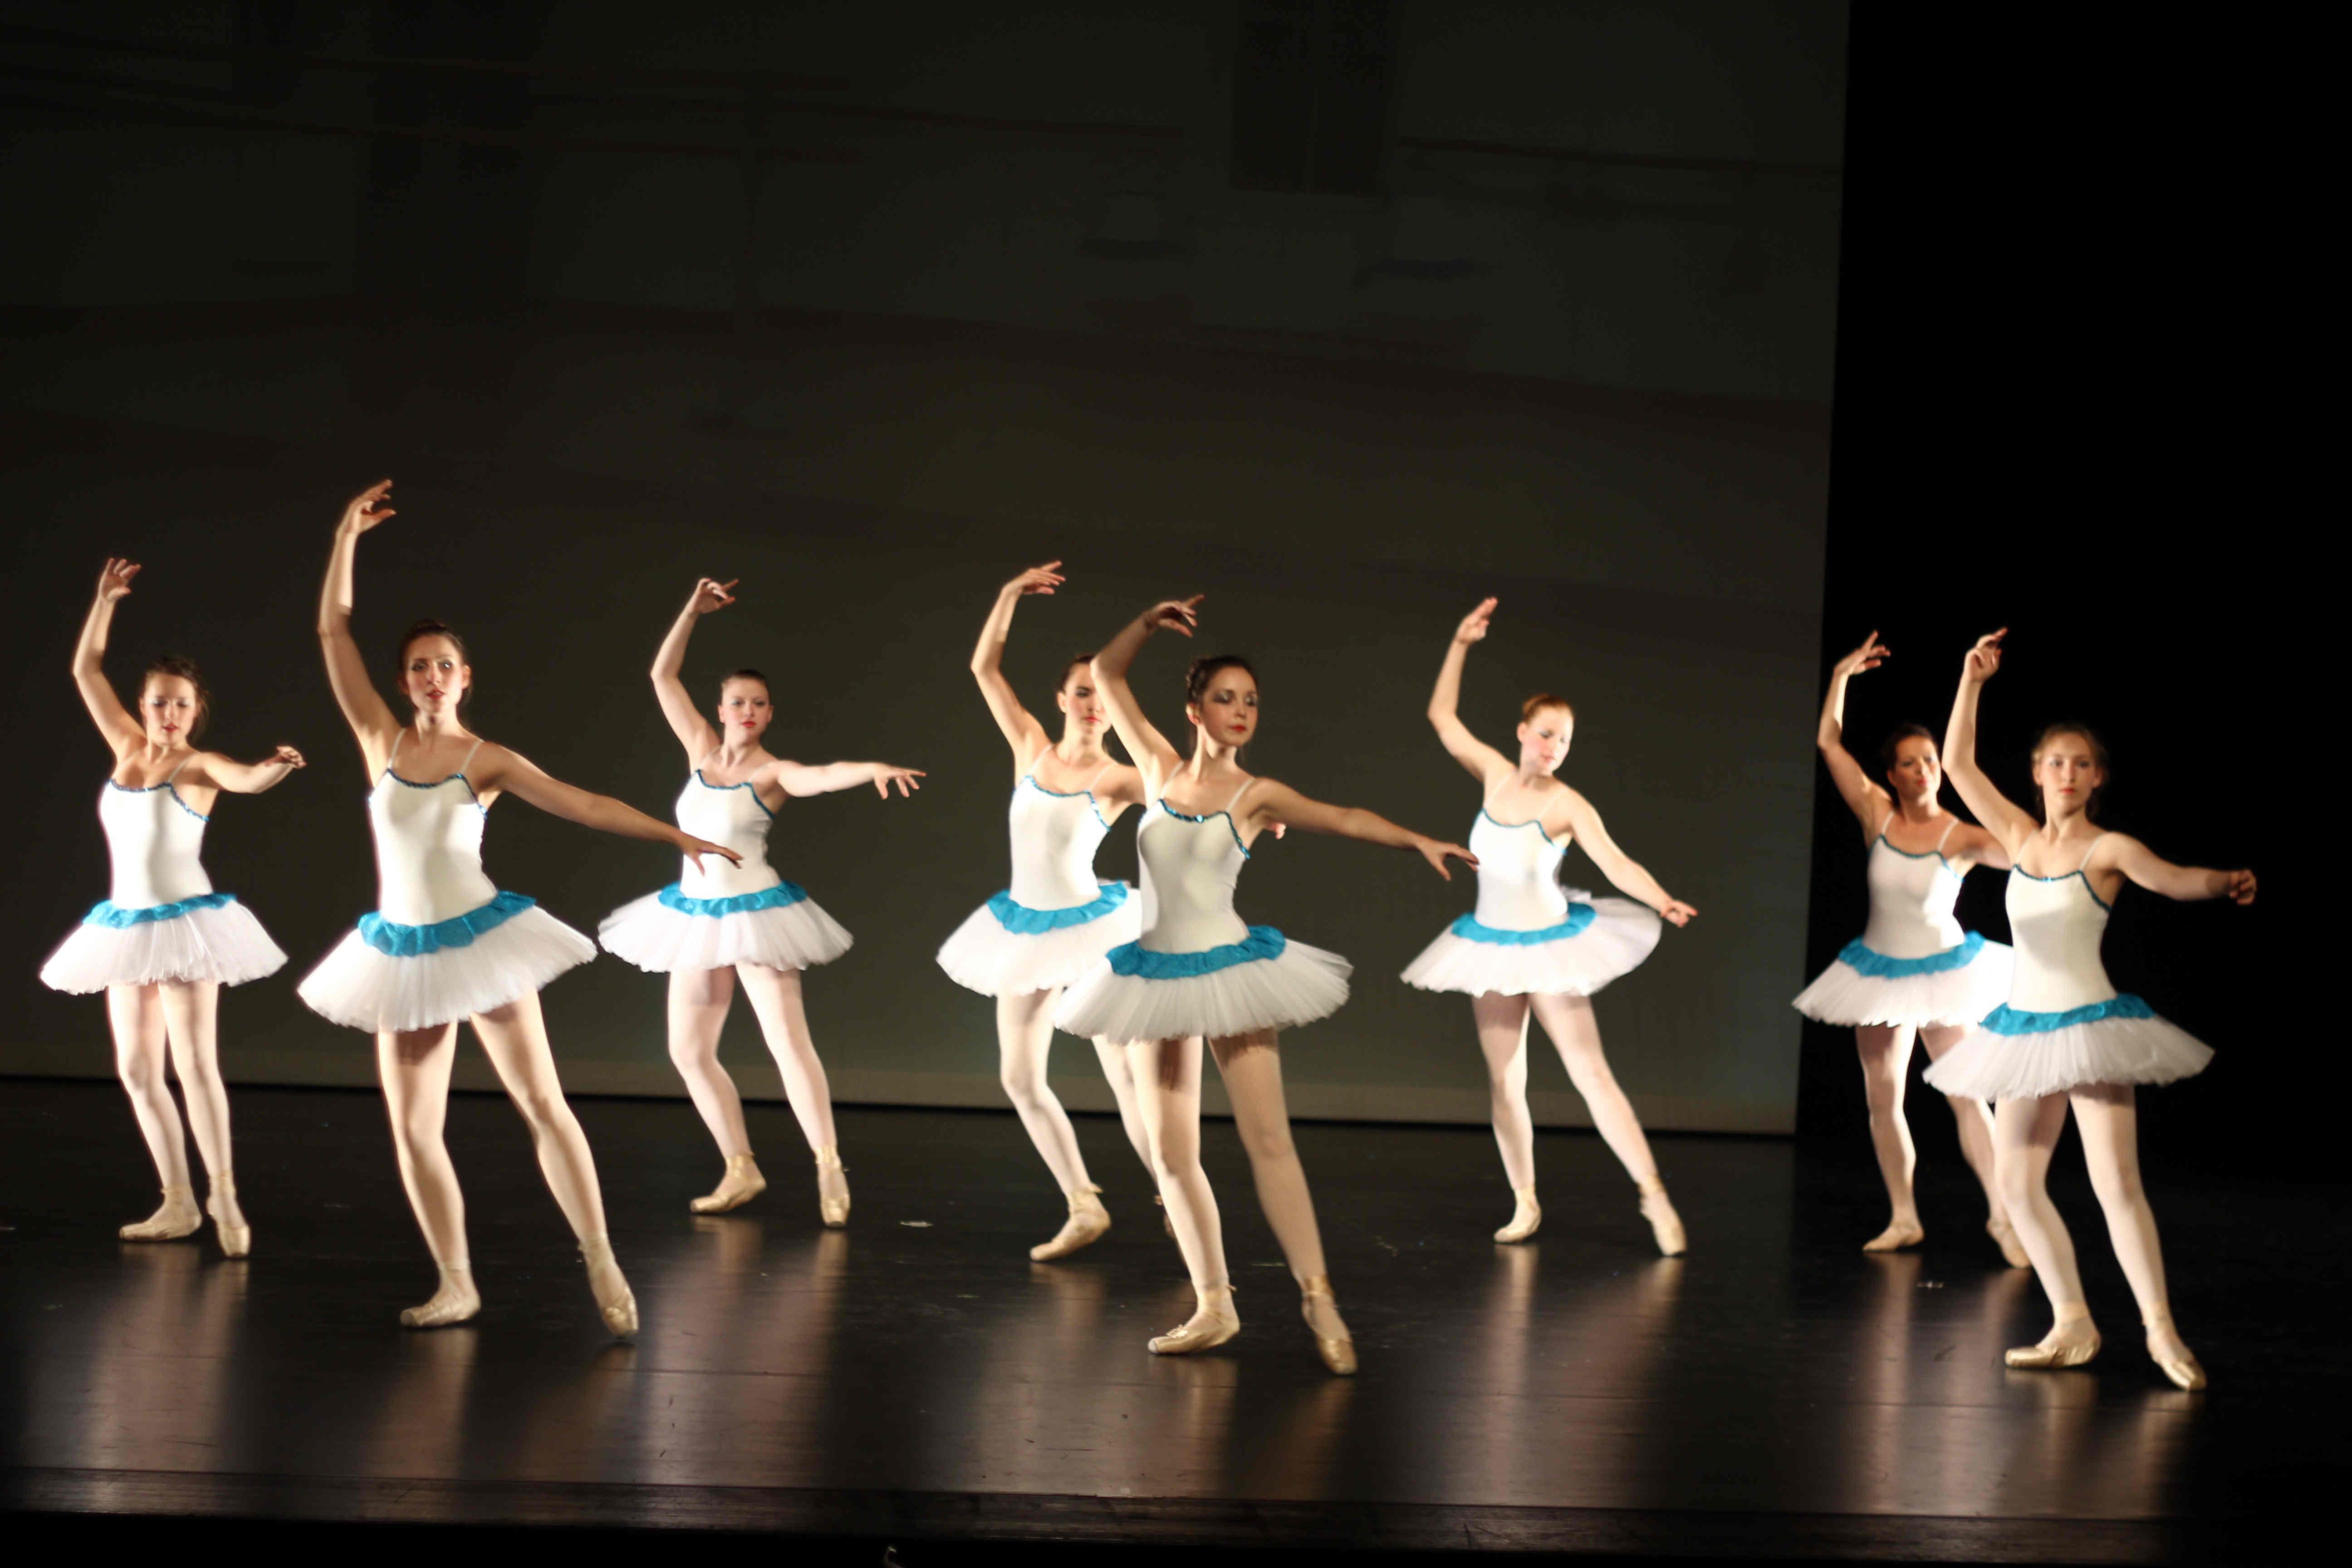 2015 Stadtsplitter Ballett Aschaffenburg Die Ballettschule